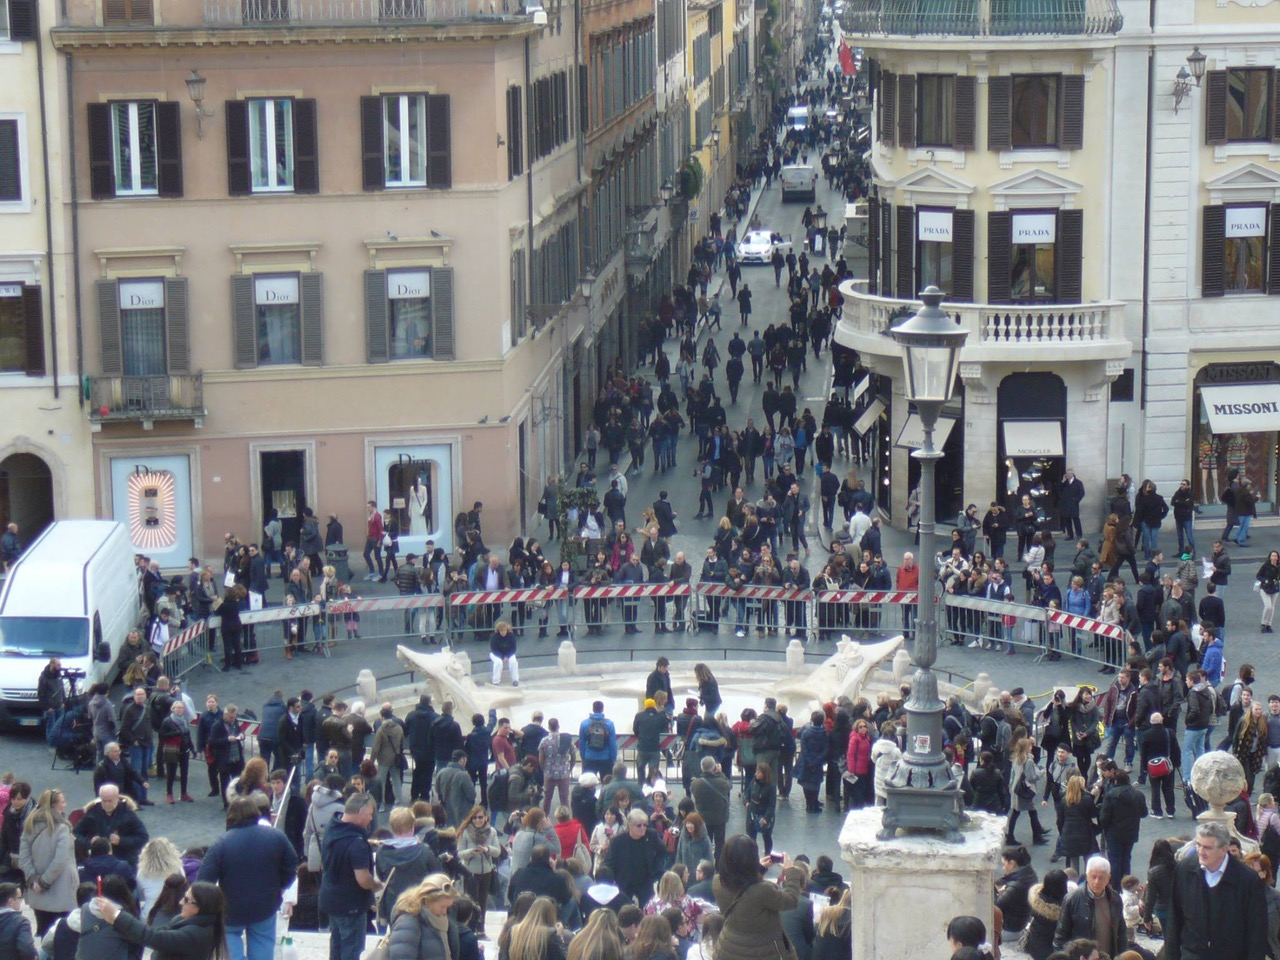 People gathered around the Fontana della Barcaccia in the piazza di Spagna in Rome today